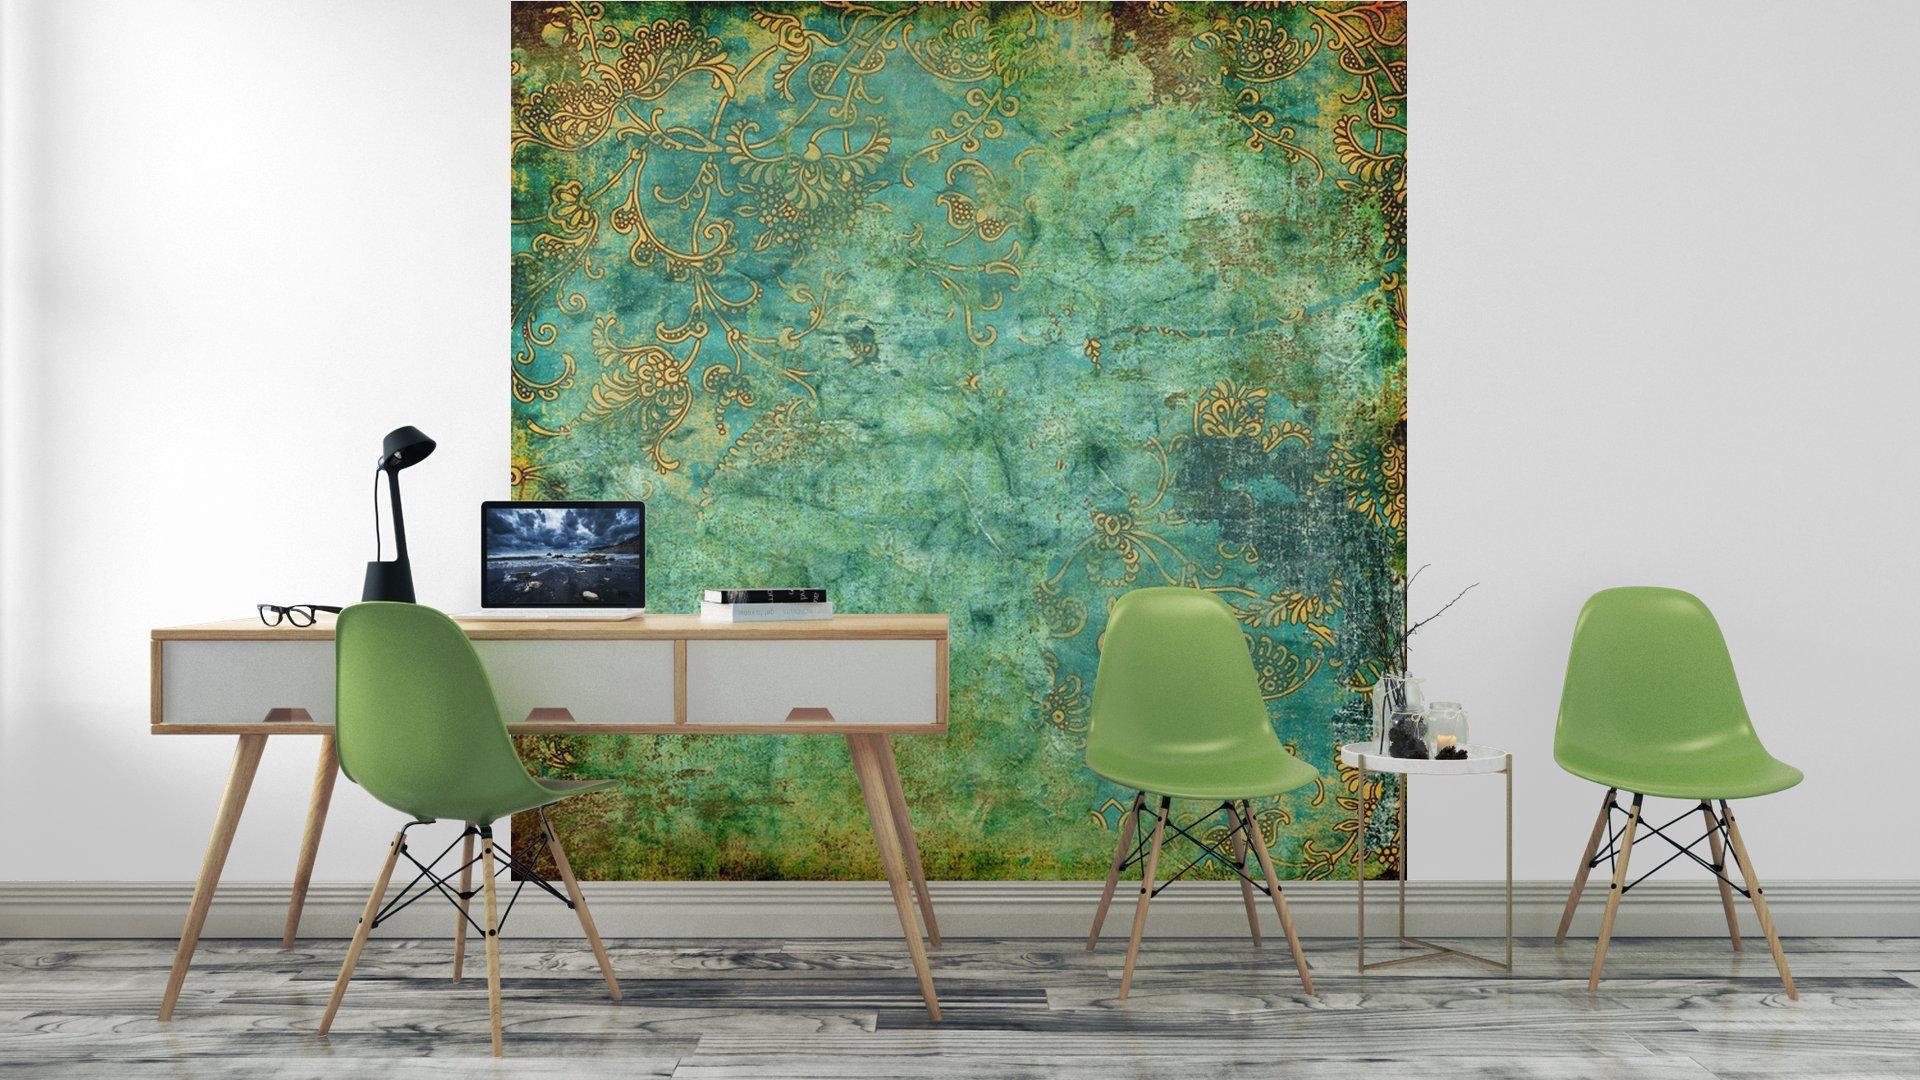 VERDE TEXTURA VENDIMIA OXIDADA3 - Fotomural Tapiz Verde con Textura Oxidada